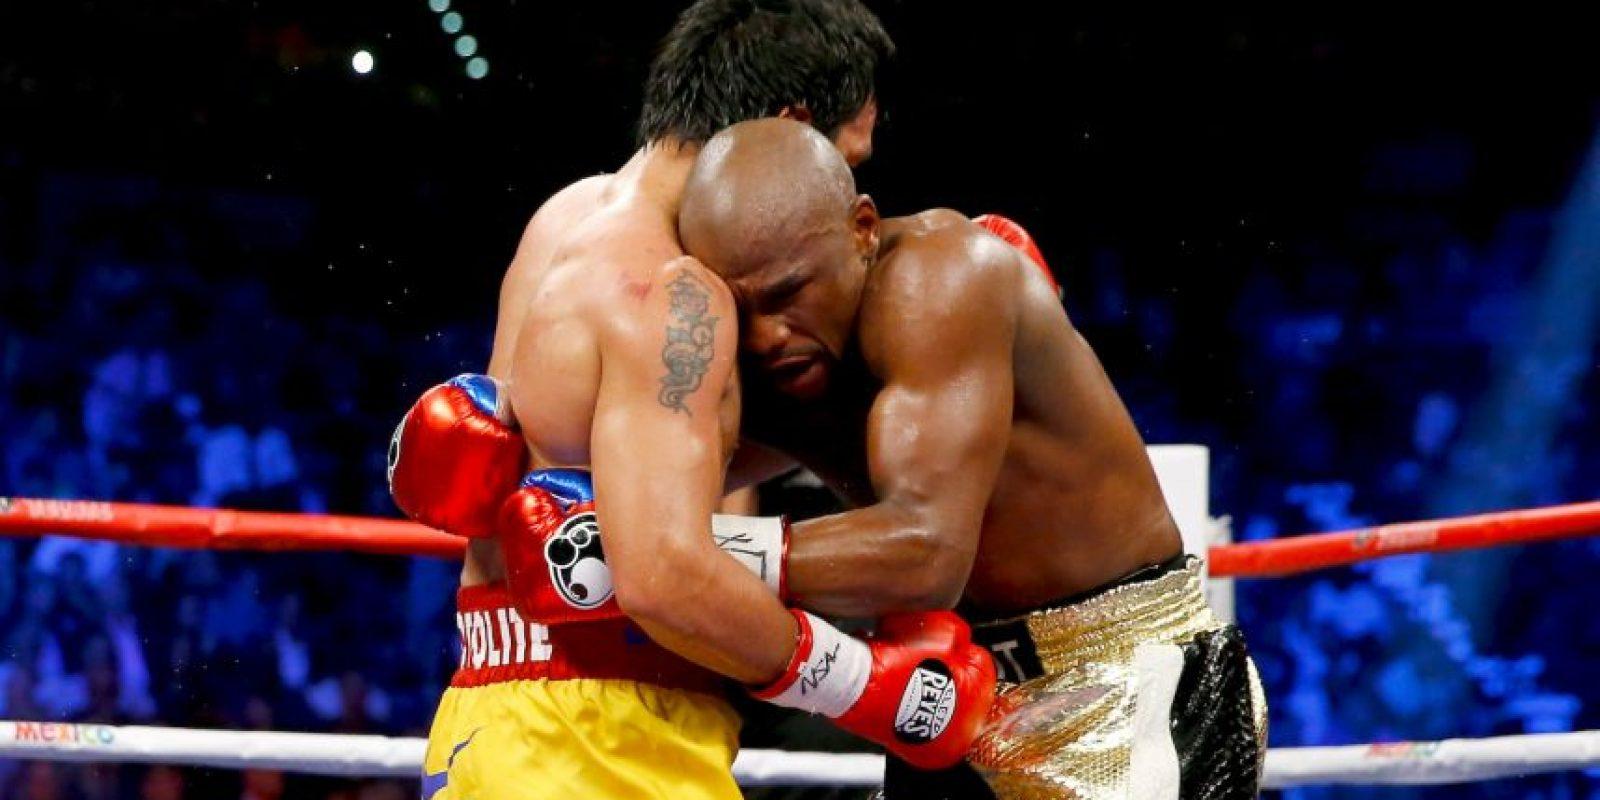 """El boxeador estadounidense indicó que daría una segunda oportunidad a """"Pacman"""", después de enterarse que el filipino peleó lesionado Foto:Getty Images"""